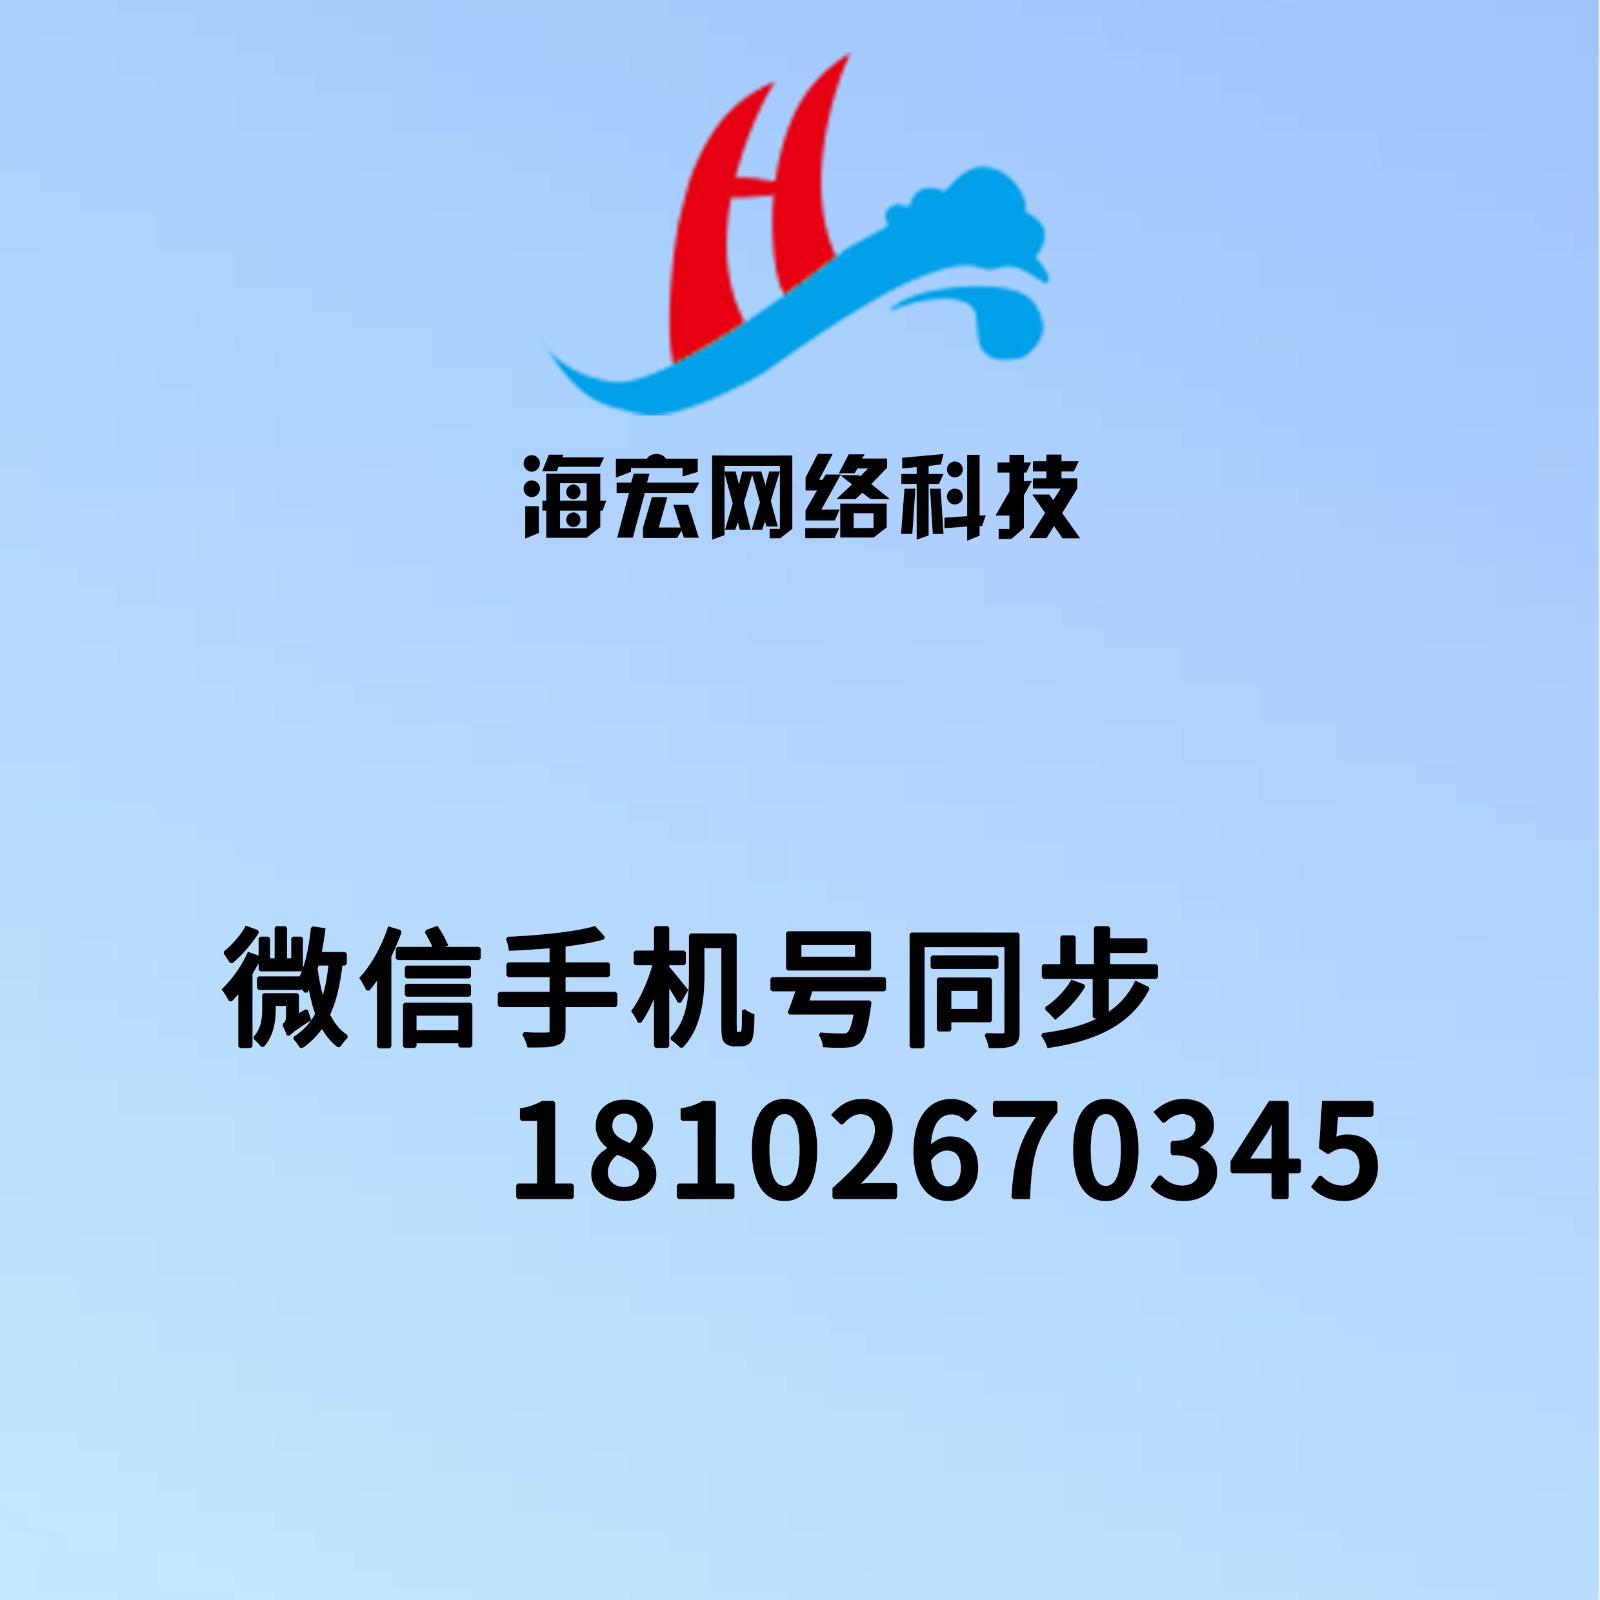 广州市海宏网络科技有限公司